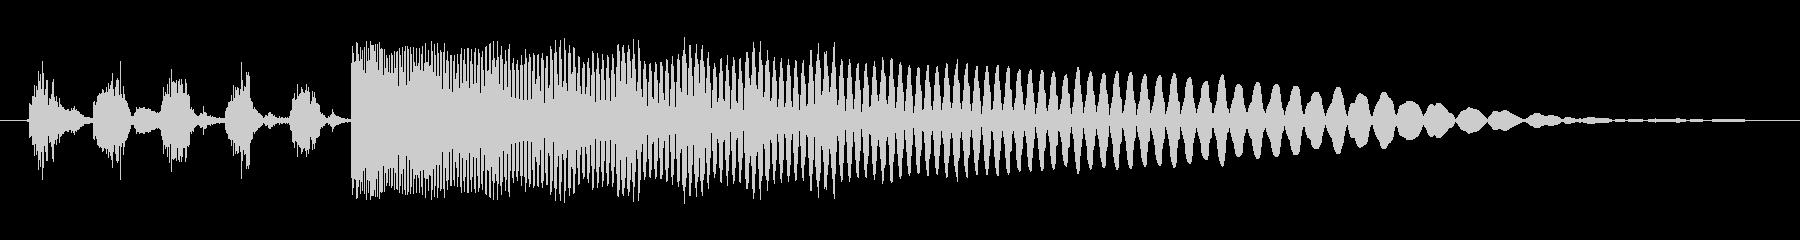 エレクトロニック エレクトロ ドキ...の未再生の波形